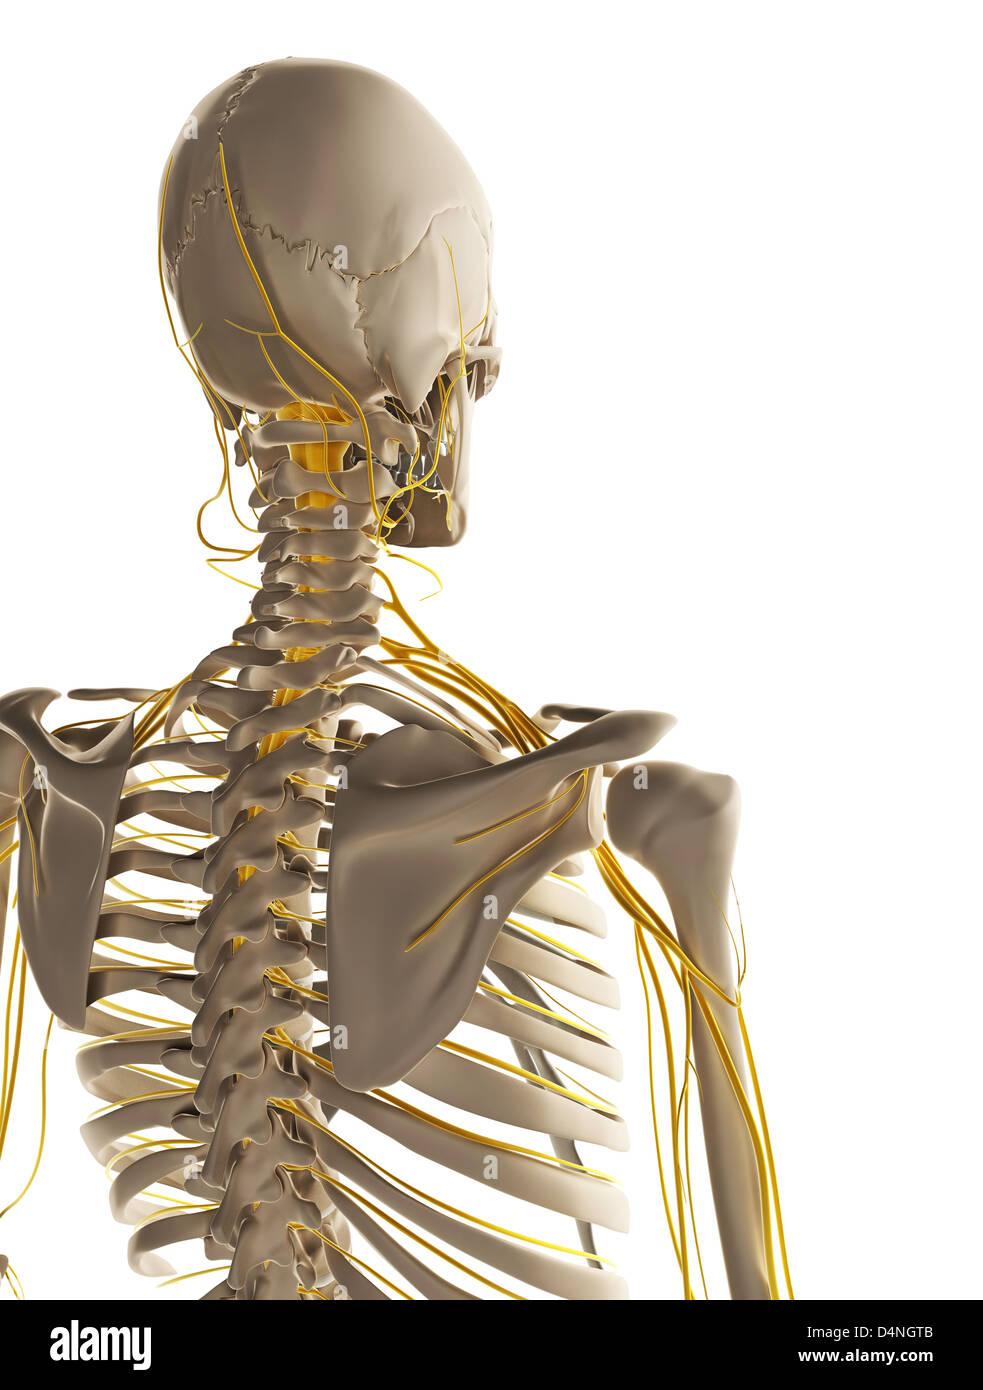 Großartig Die Anatomie Des Männlichen Fortpflanzungssystems Bilder ...